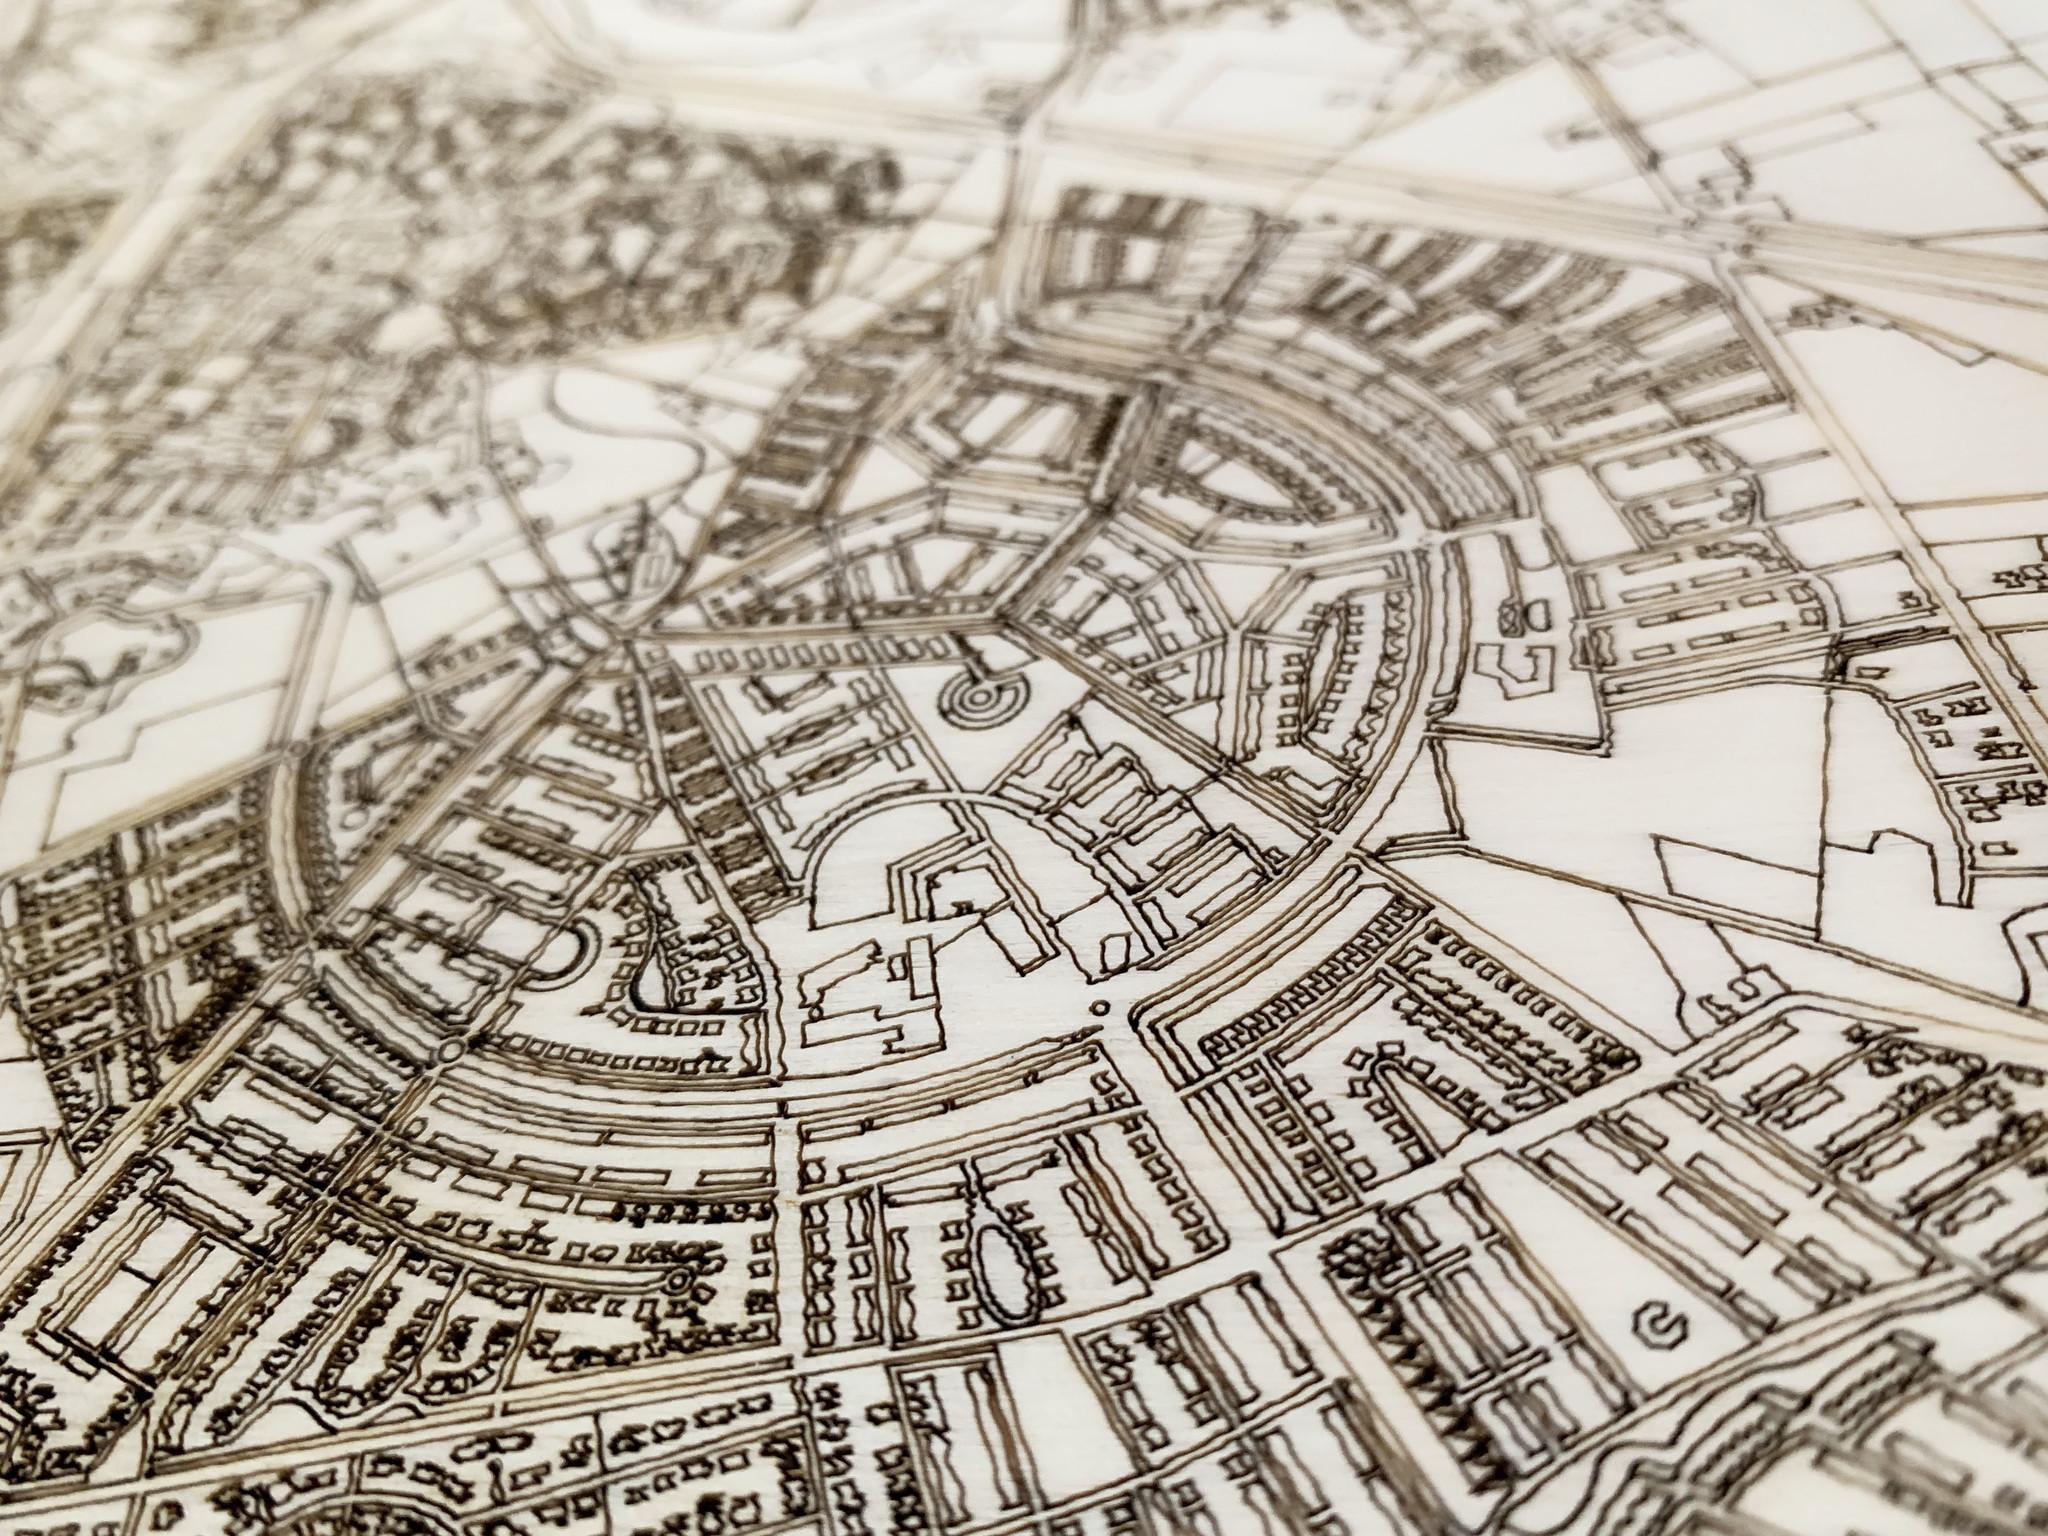 Houten stadsplattegrond Alkmaar-4